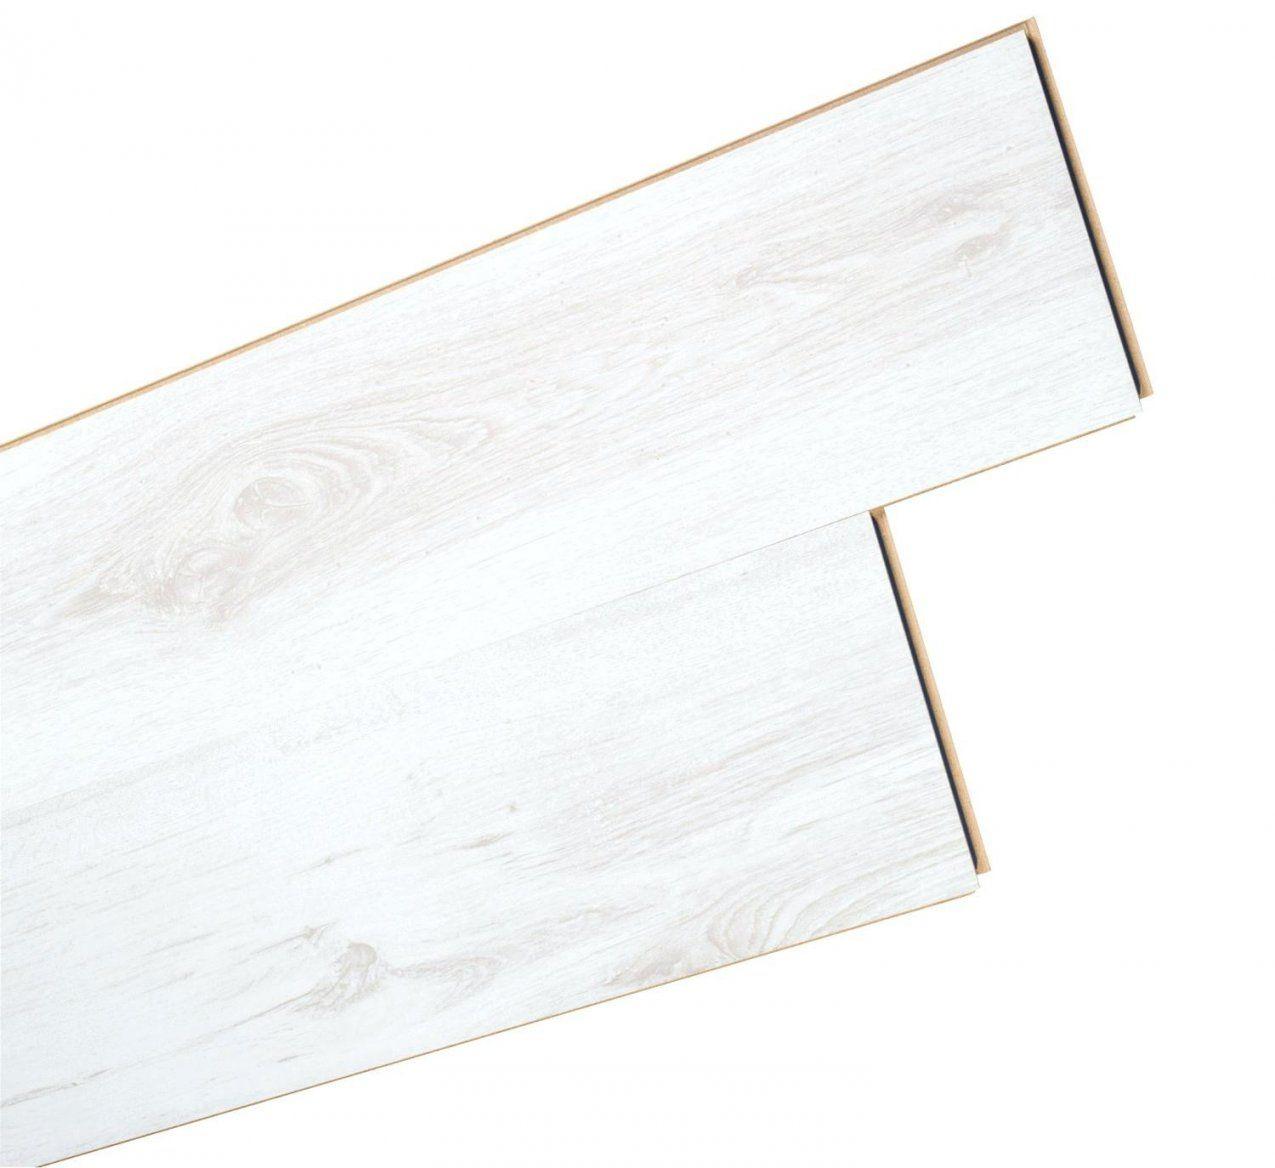 Awesome Laminat Weiss Laminatboden Ikea Bauhaus Eiche Gunstig von Laminat Weiß Hochglanz Ikea Bild